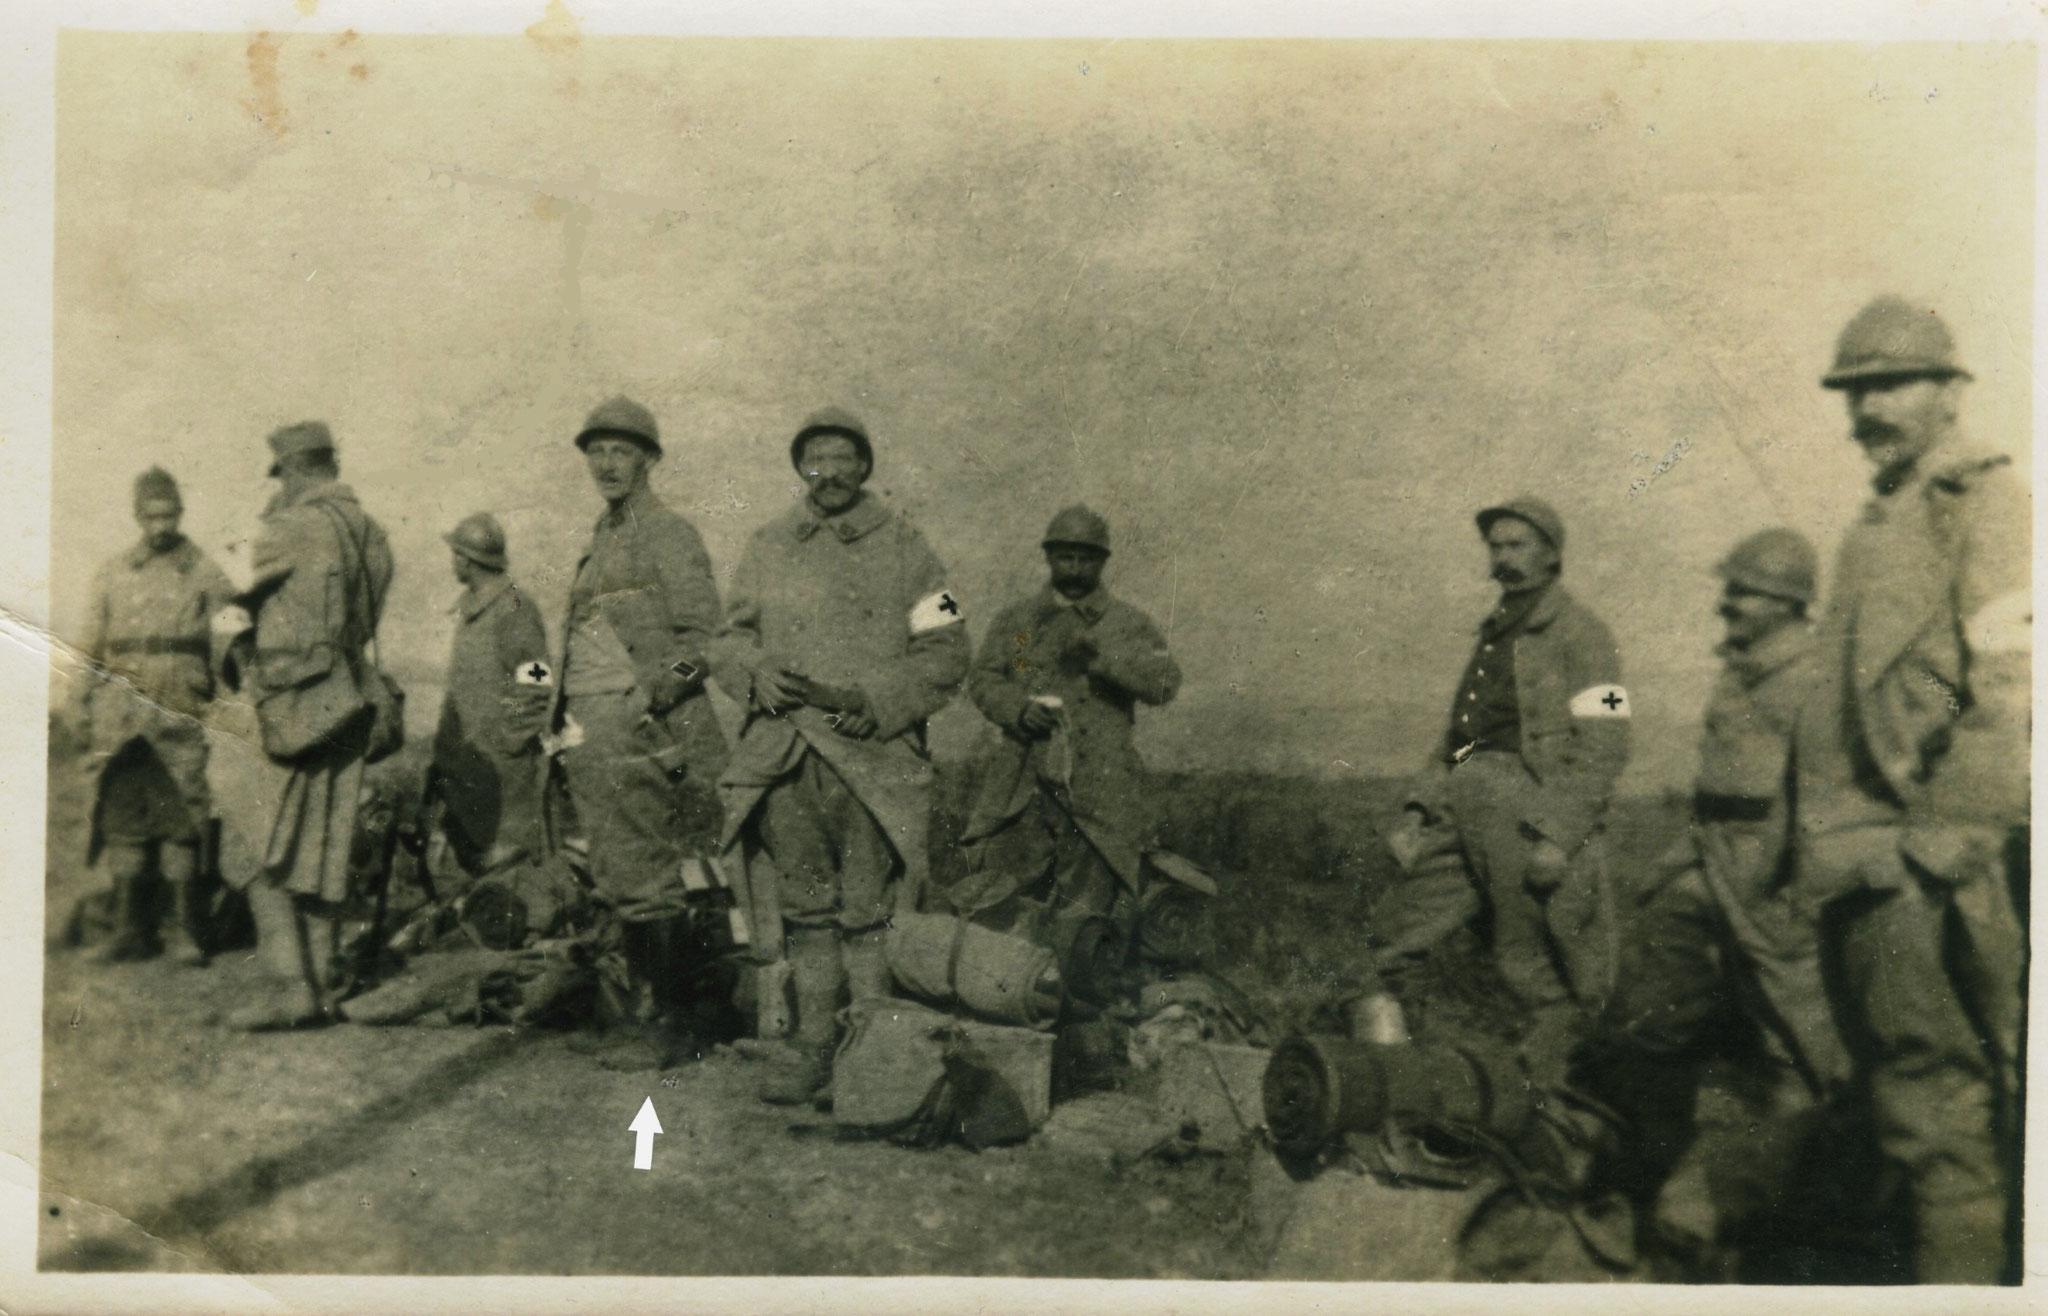 Au-dessus de la flèche blanche Francis COQUIL né le 20 janvier 1896 à Irvillac (Finistère), sergent de la 11ème section des infirmiers militaires en 14-18.